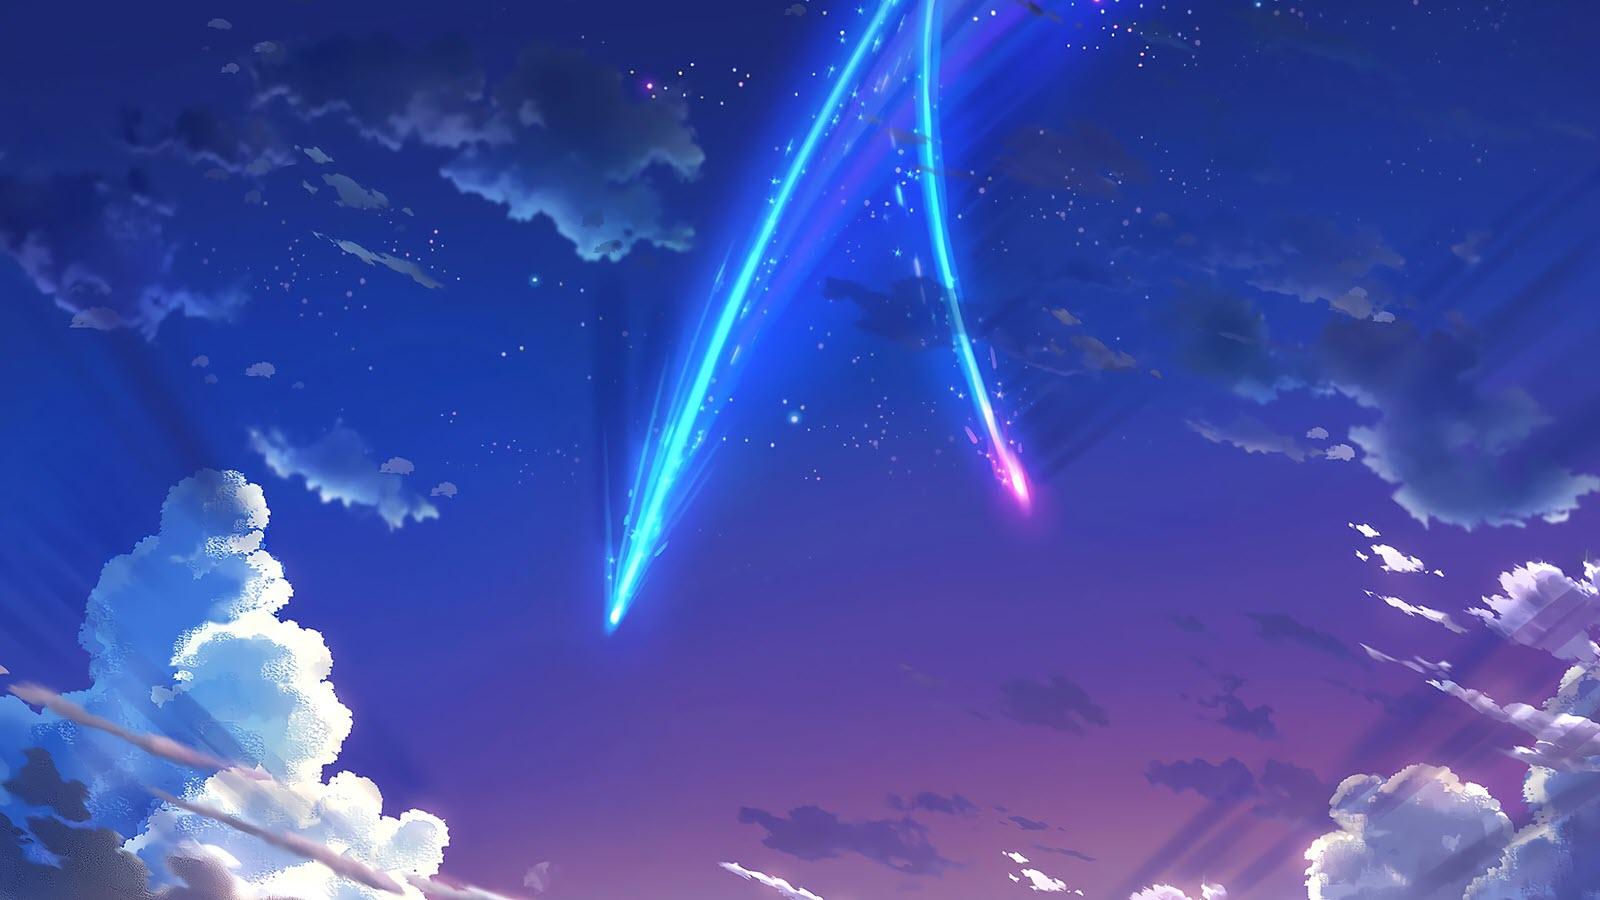 Hình Anime galaxy đẹp